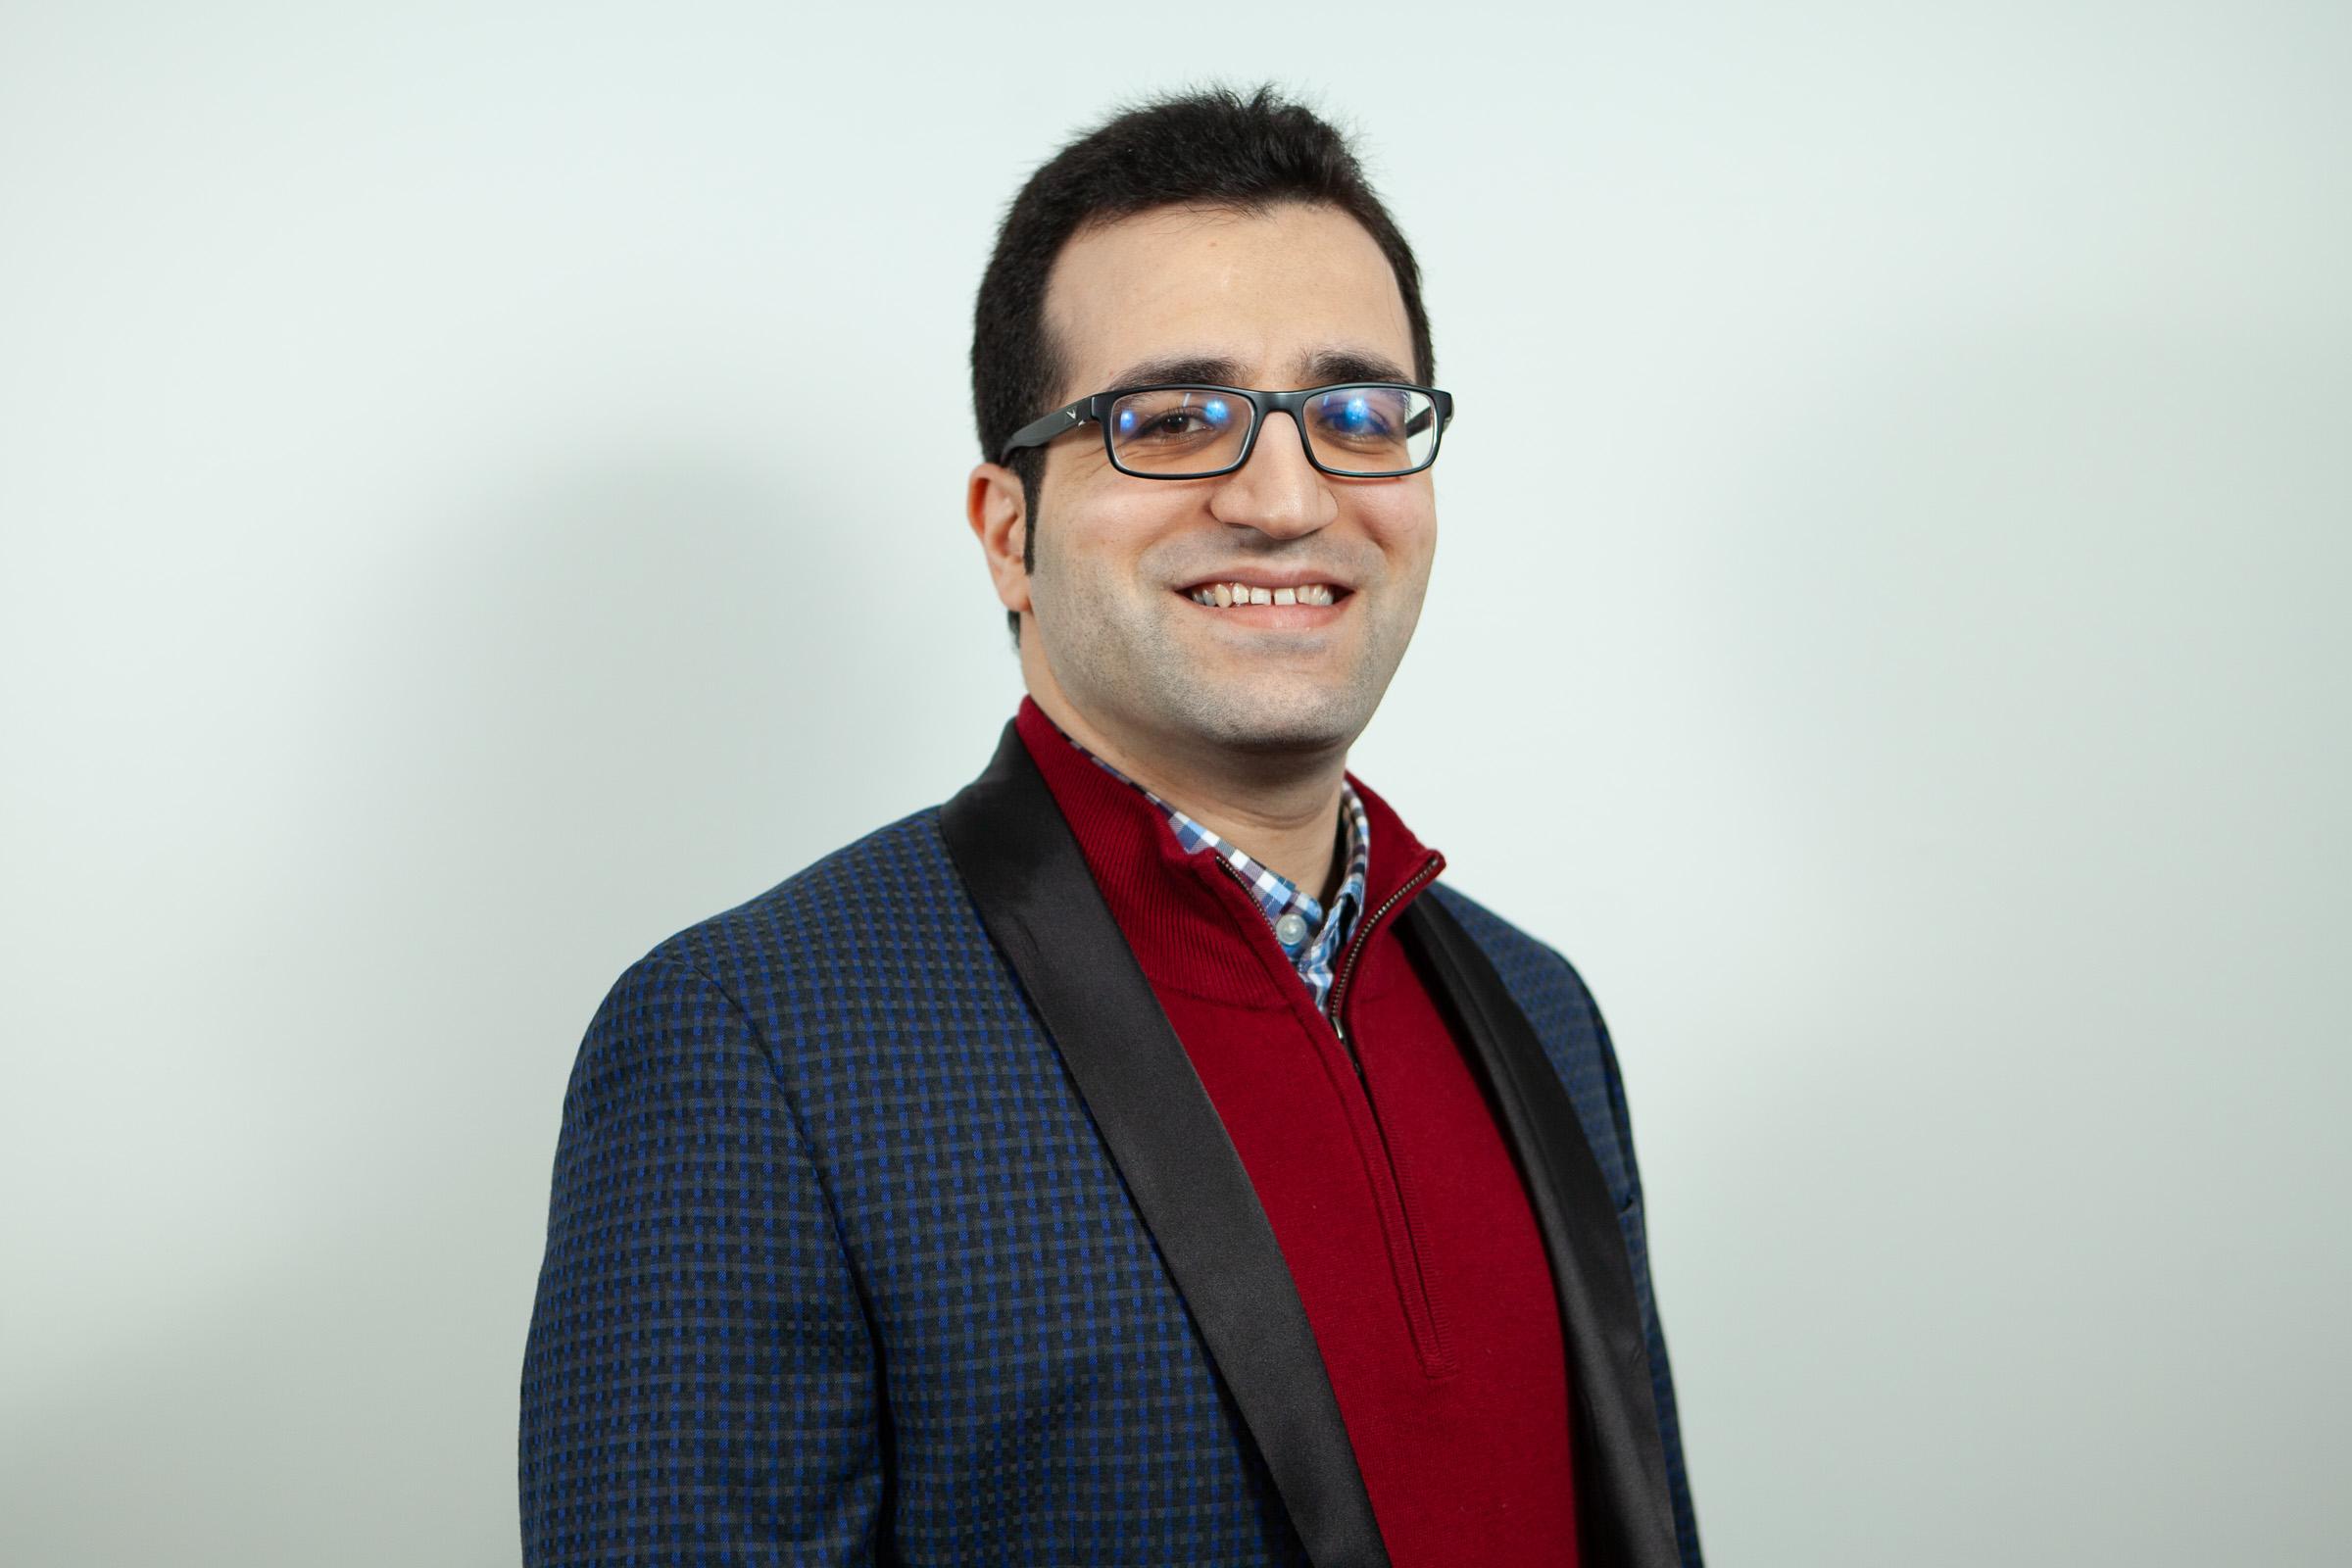 Dr. Mehdi Kafashan